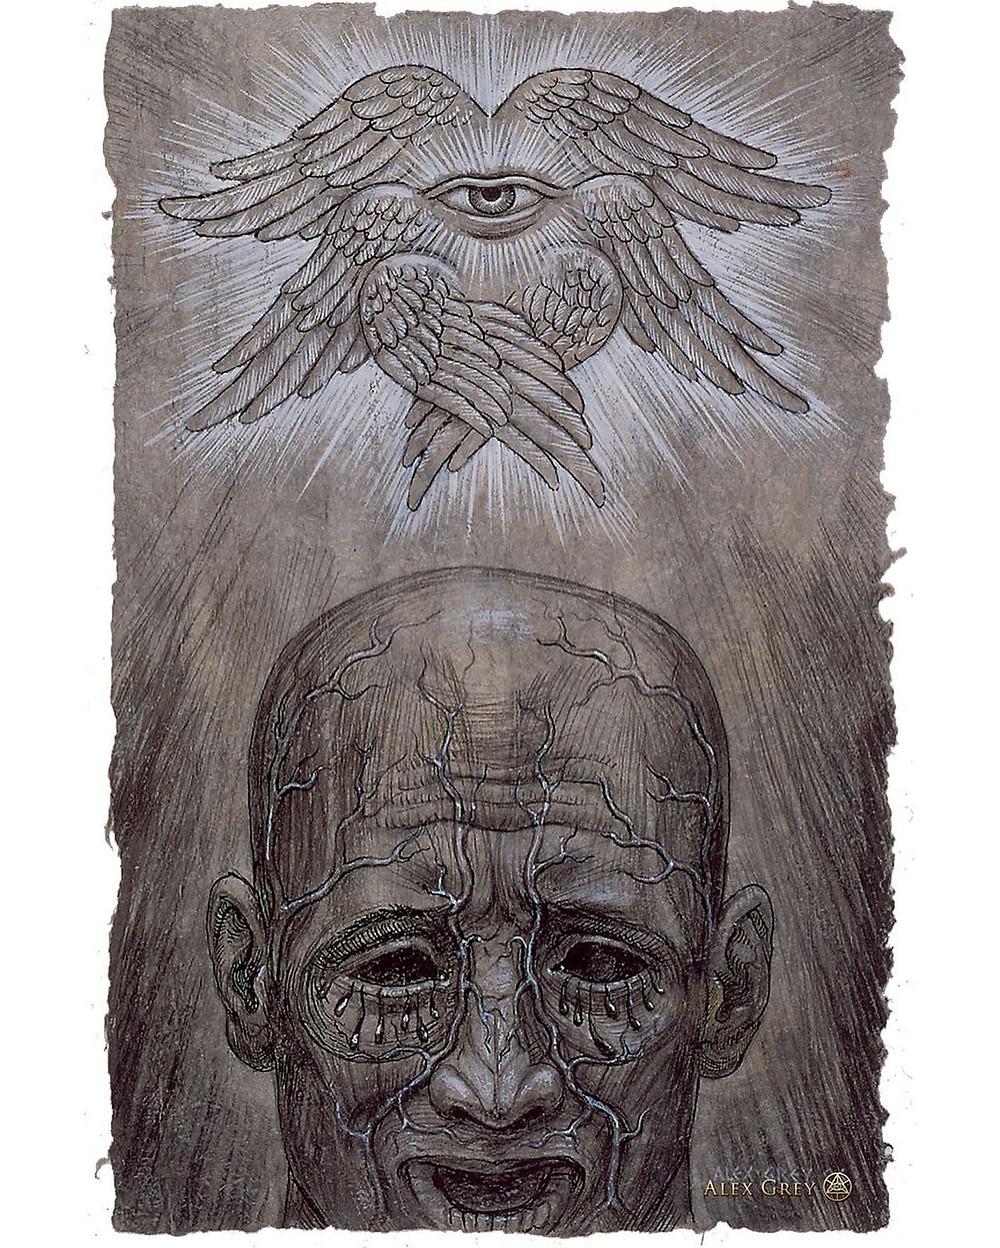 Алекс Грей, «Видеть или не видеть» (1996)